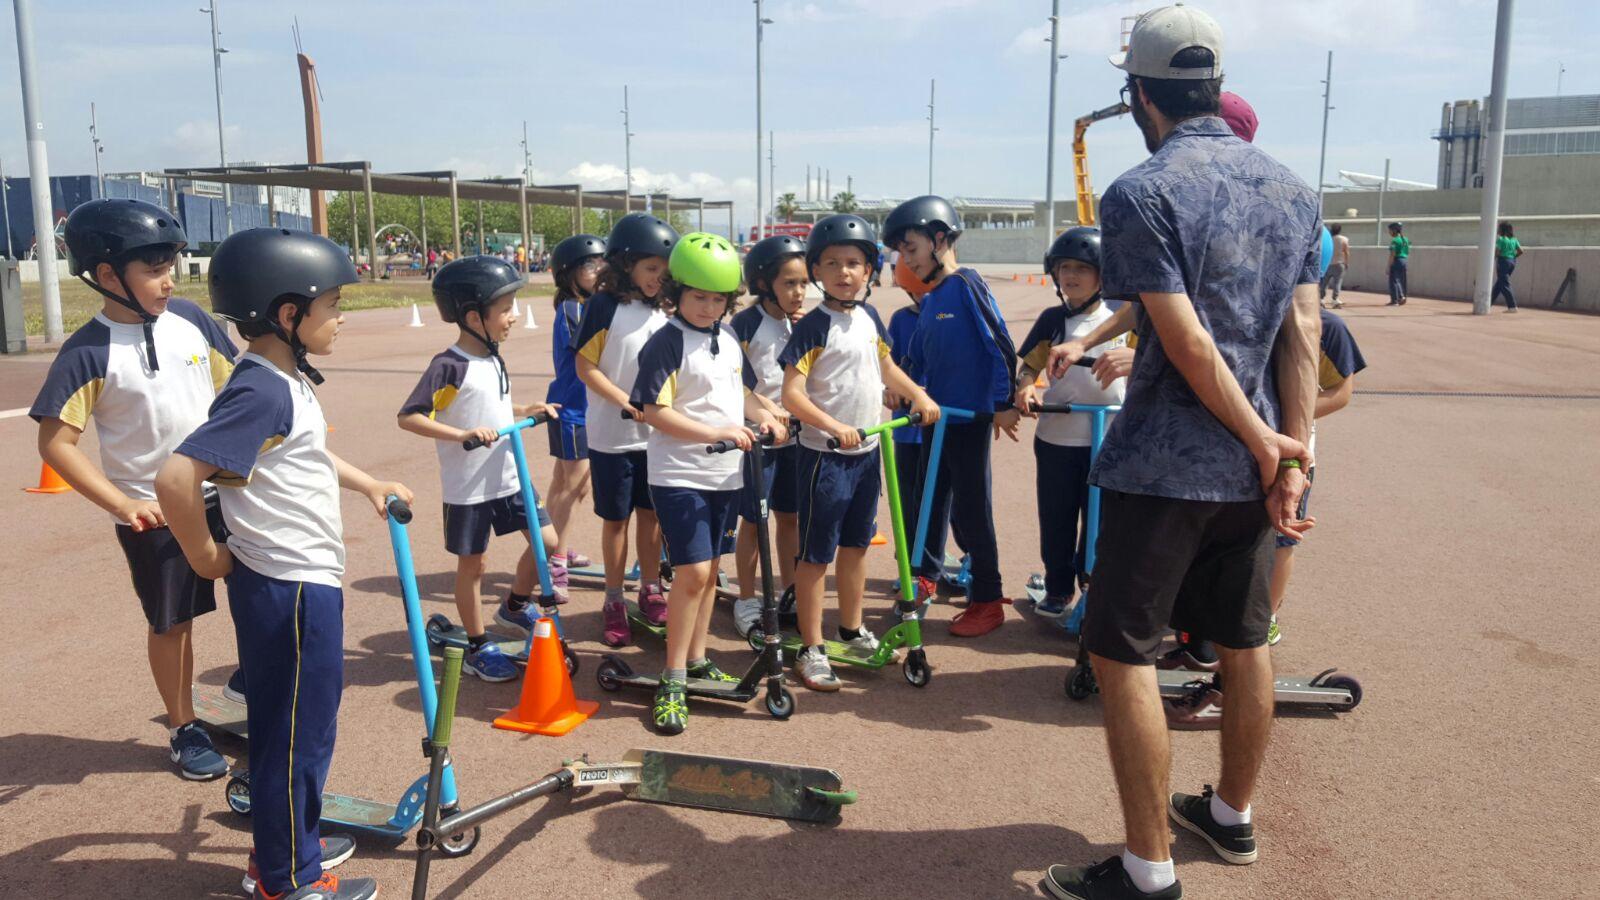 Els alumnes de 3r de Primària practiquen l'skate i el patinet al Fòrum de Barcelona